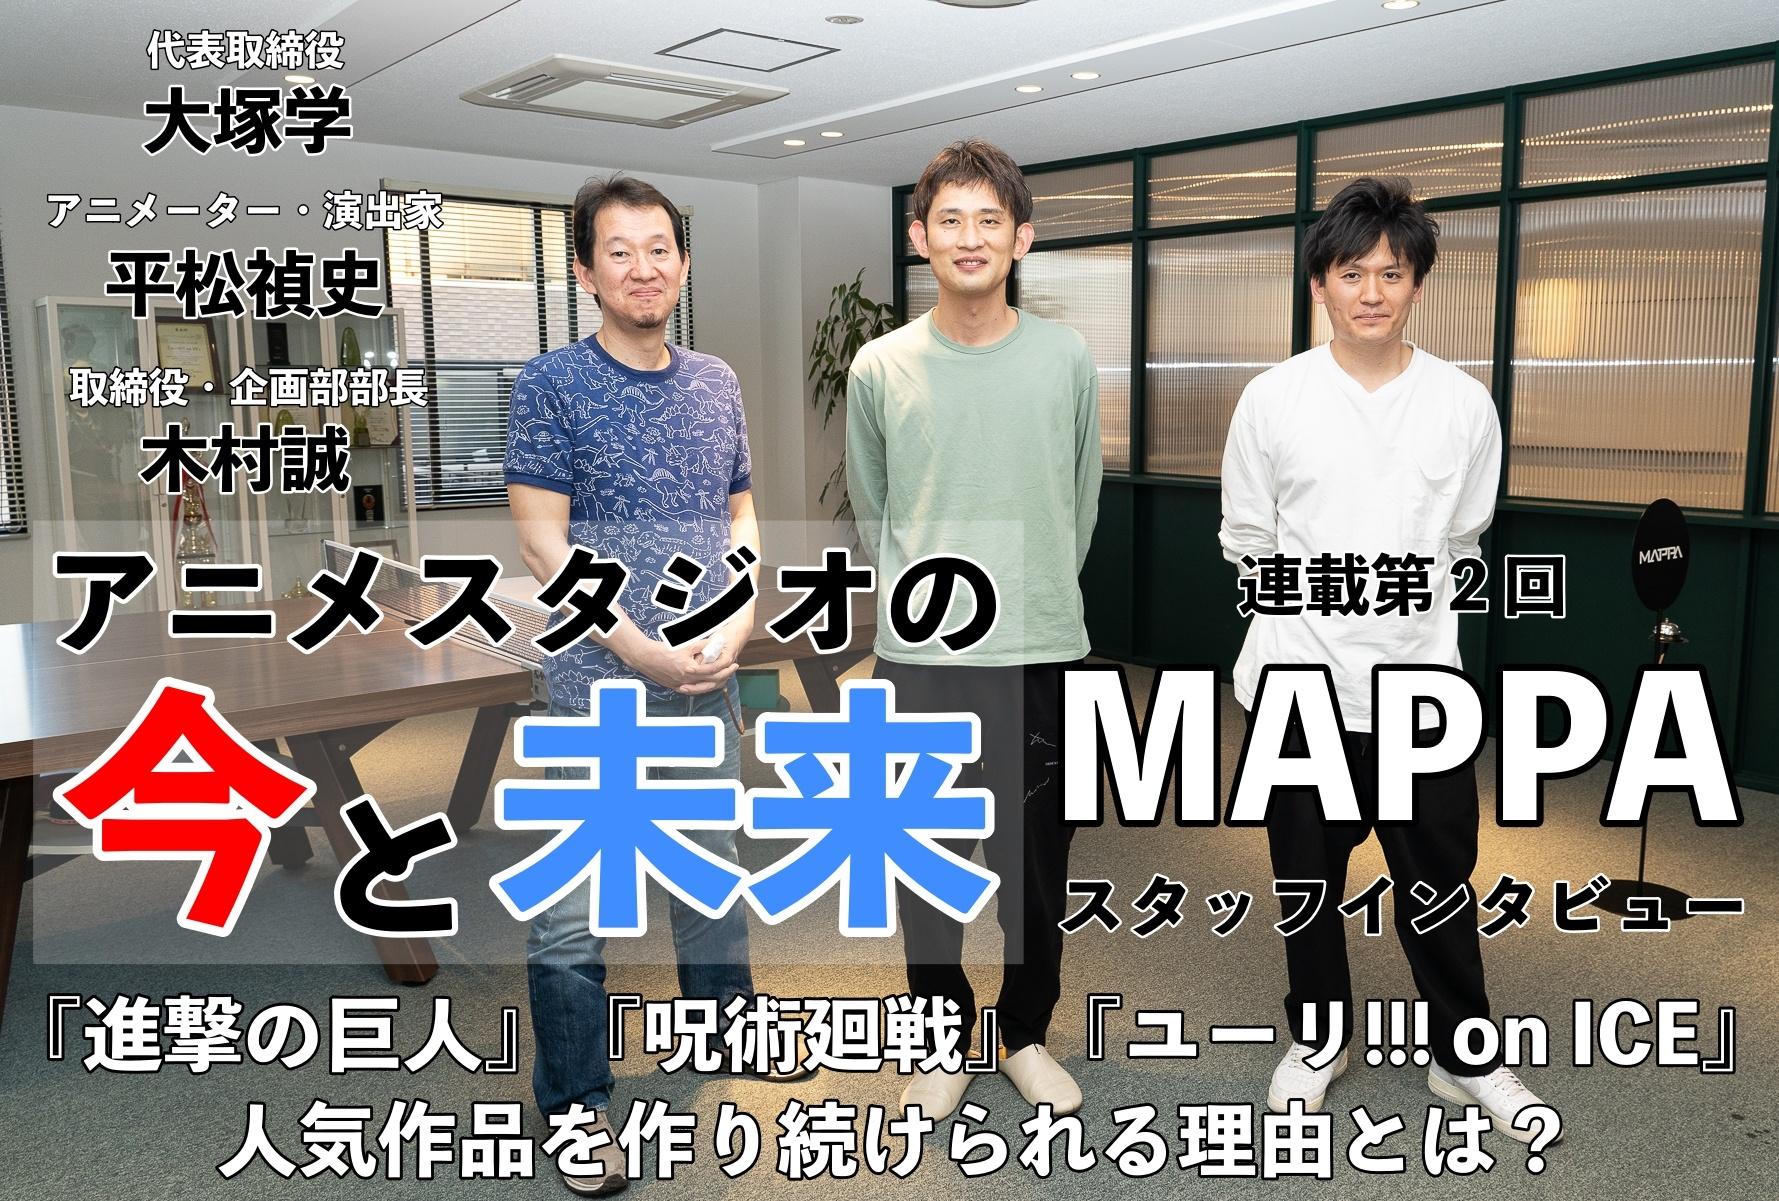 MAPPAスタッフインタビュー|『進撃の巨人』『呪術廻戦』人気作品を作り続けられる理由【アニメスタジオの今と未来】